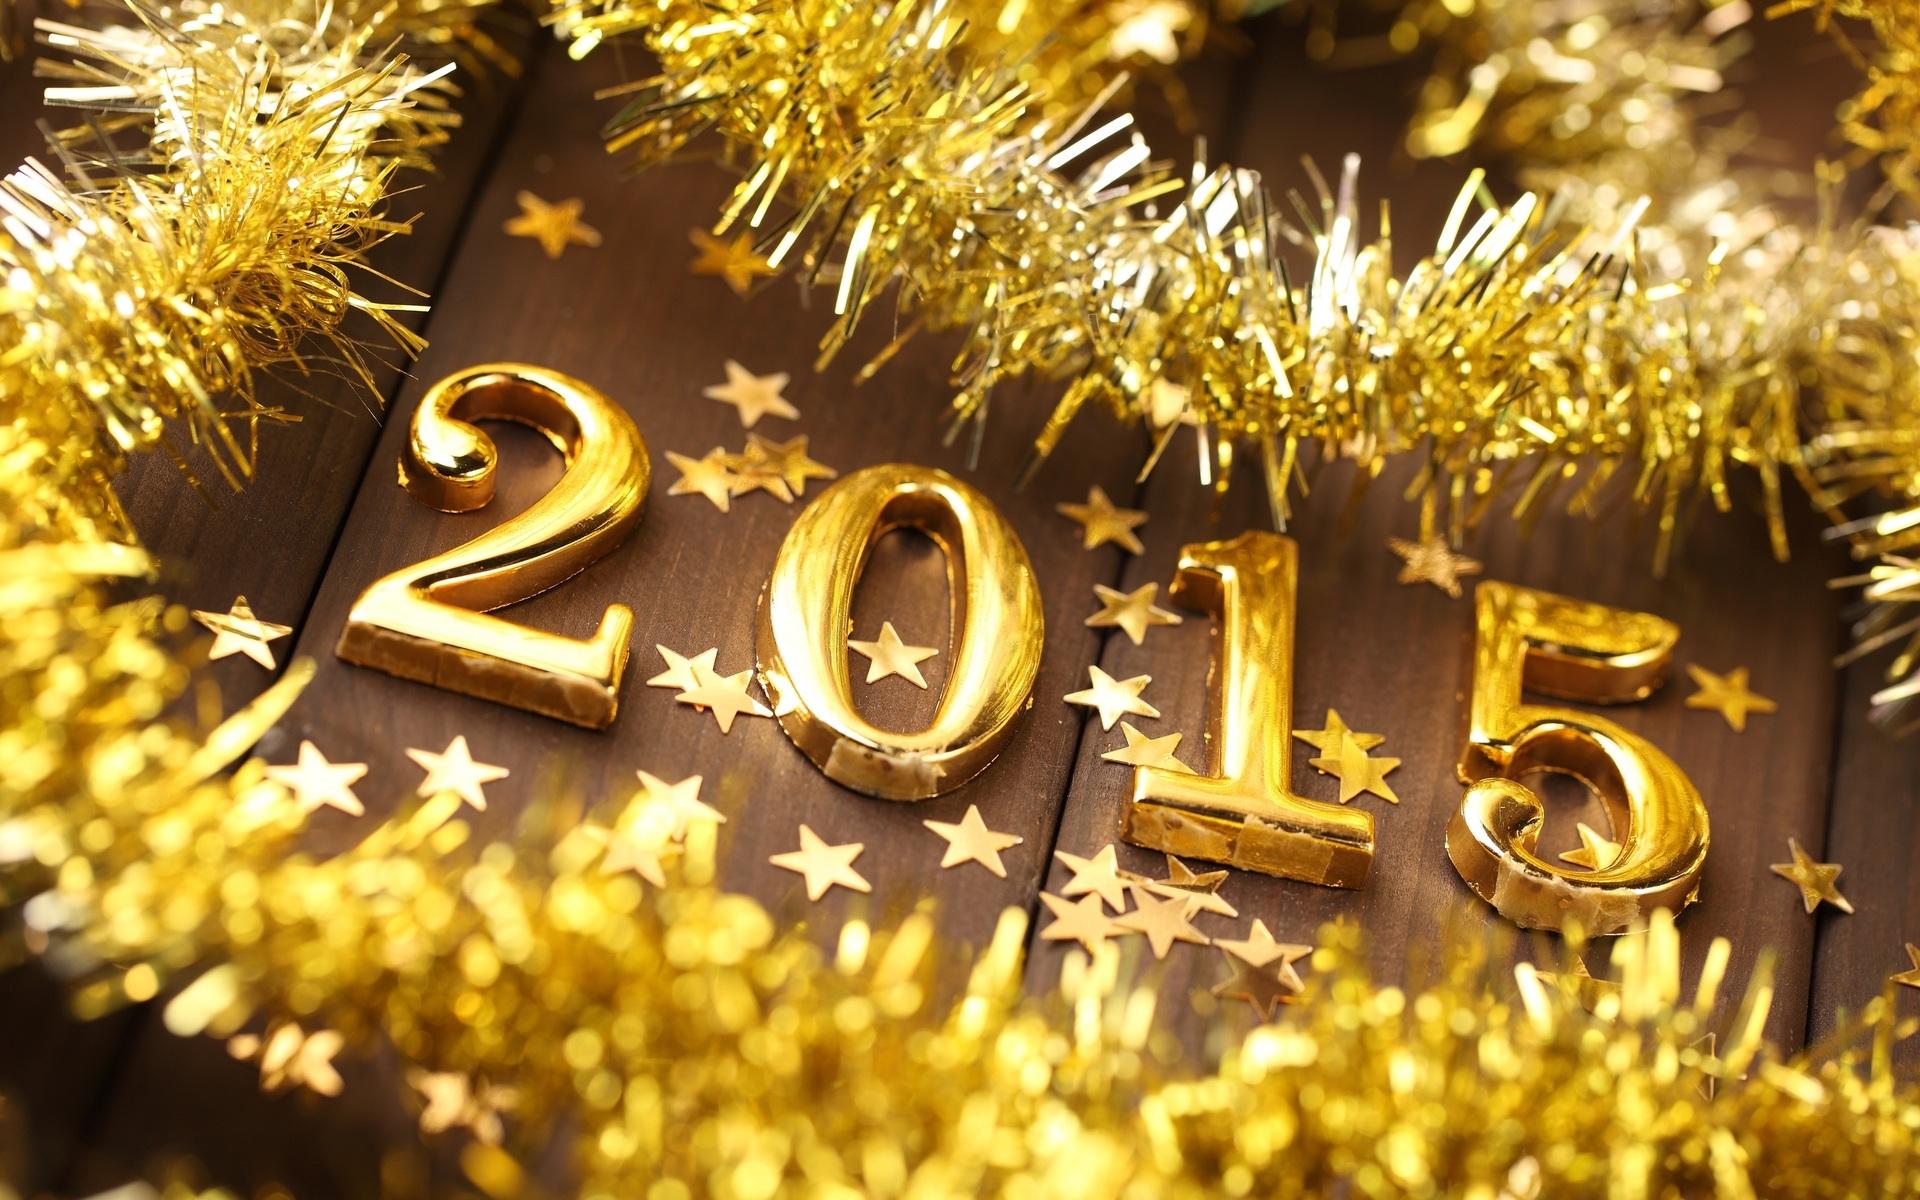 Итоги 2015: лучшие наряды звезд на красной дорожке (ФОТО)